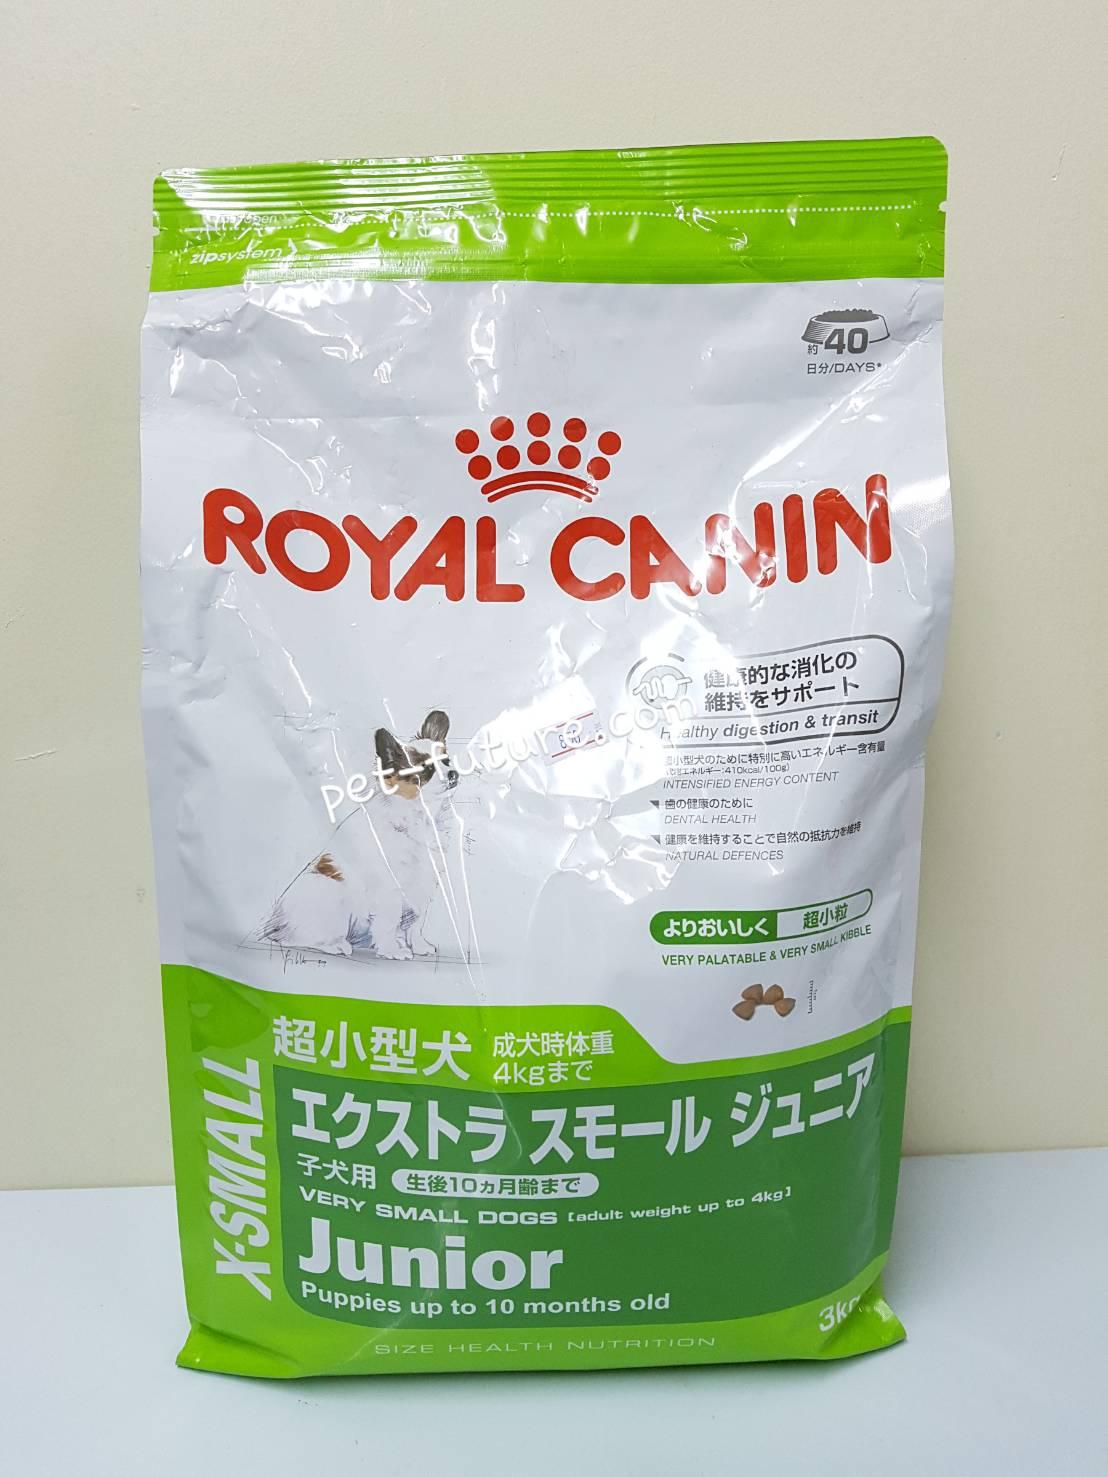 X-Small Junior ลูกสุนัขขนาดจิ๋ว นน.โตเต็มวัยน้อยกว่า 4 kg. ขนาด 3 kg. Exp.2/18